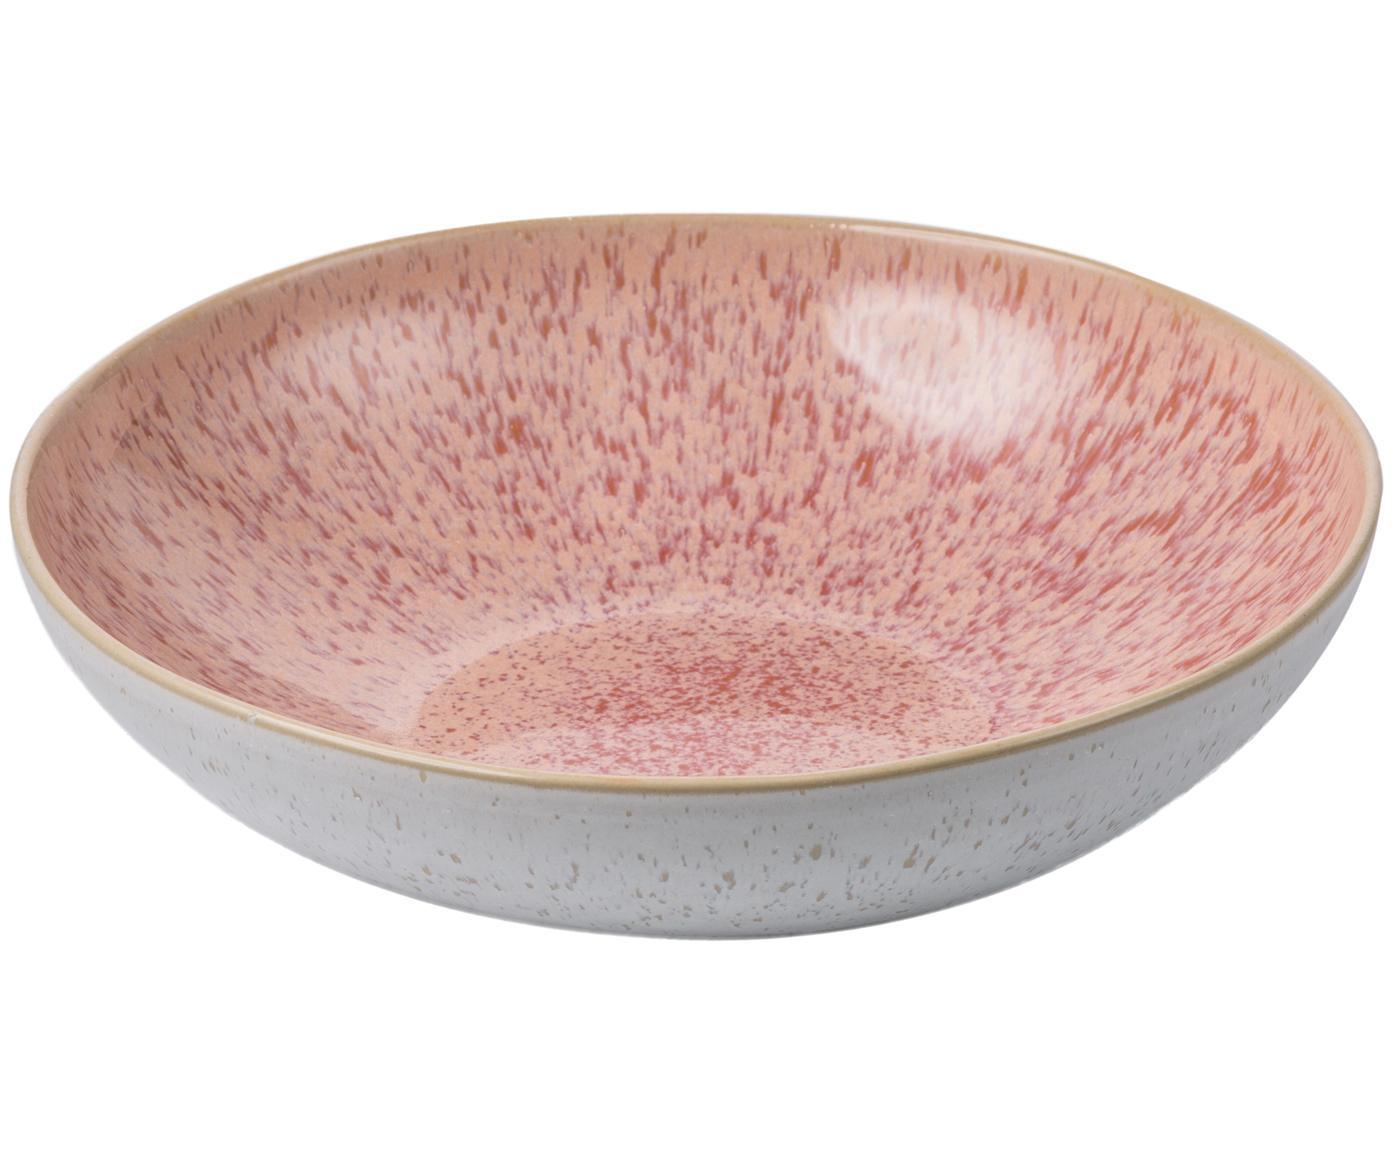 Handbemalte Schale Areia mit reaktiver Glasur, Steingut, Rottöne, Gebrochenes Weiß, Hellbeige, Ø 22 x H 5 cm